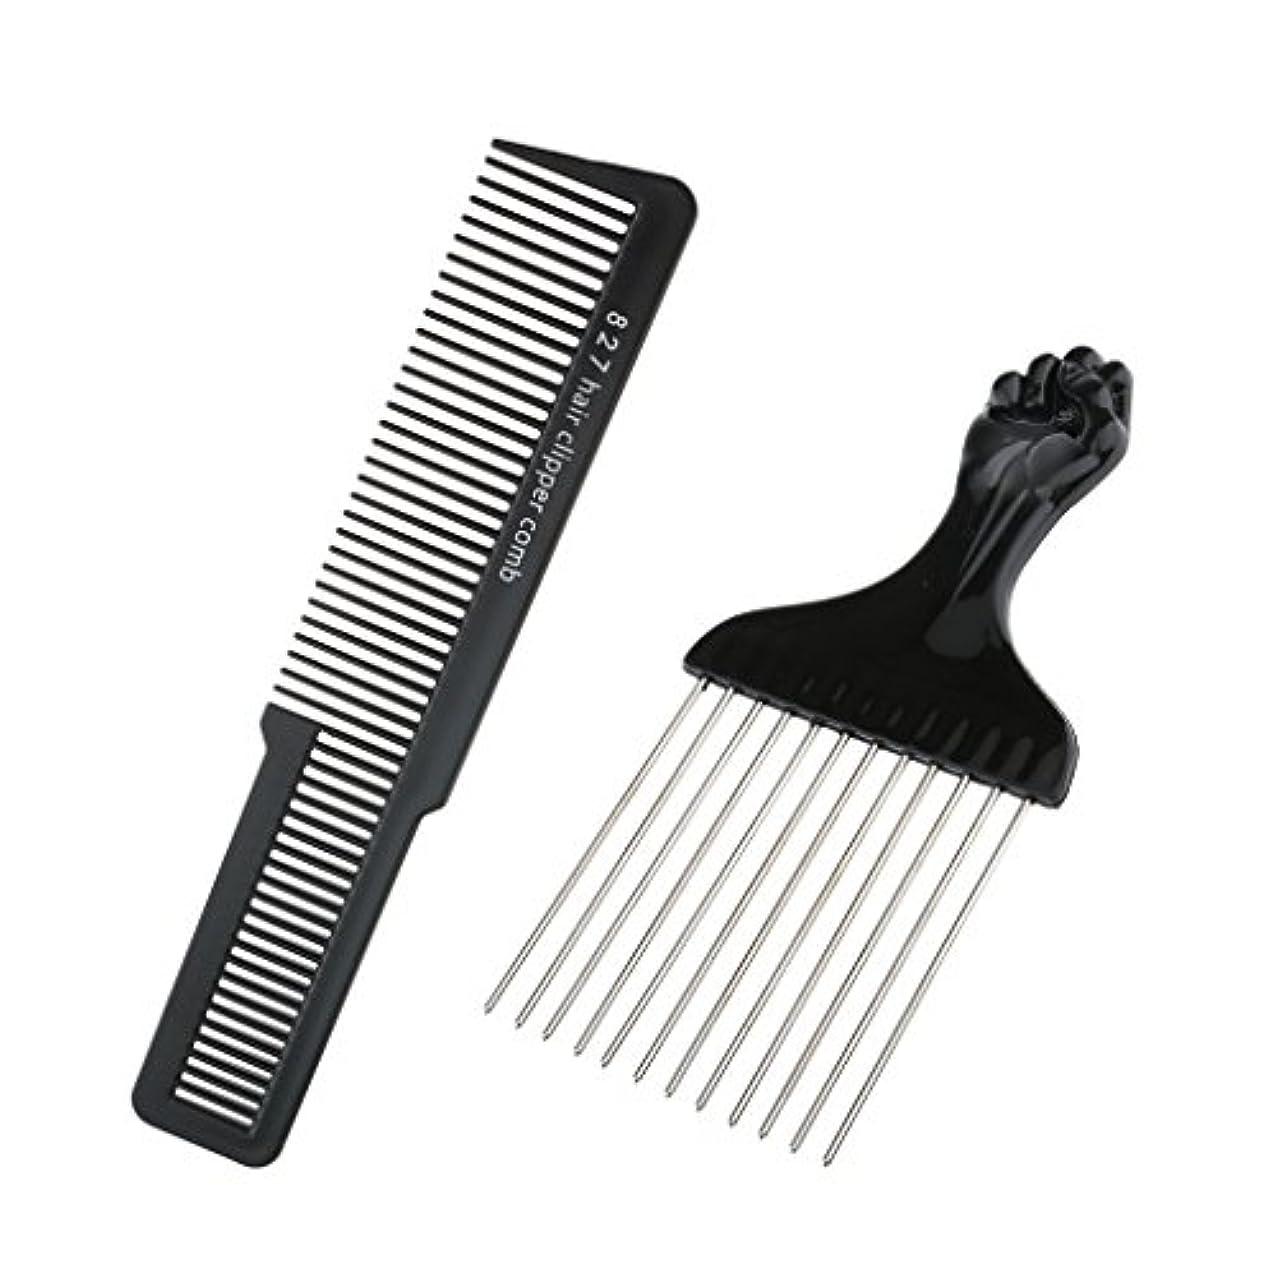 毒液干渉するレシピ美容院の理髪師のヘアスタイリングセットの毛の切断のクリッパーの櫛セットが付いている黒いステンレス鋼のアフロピックブラシ